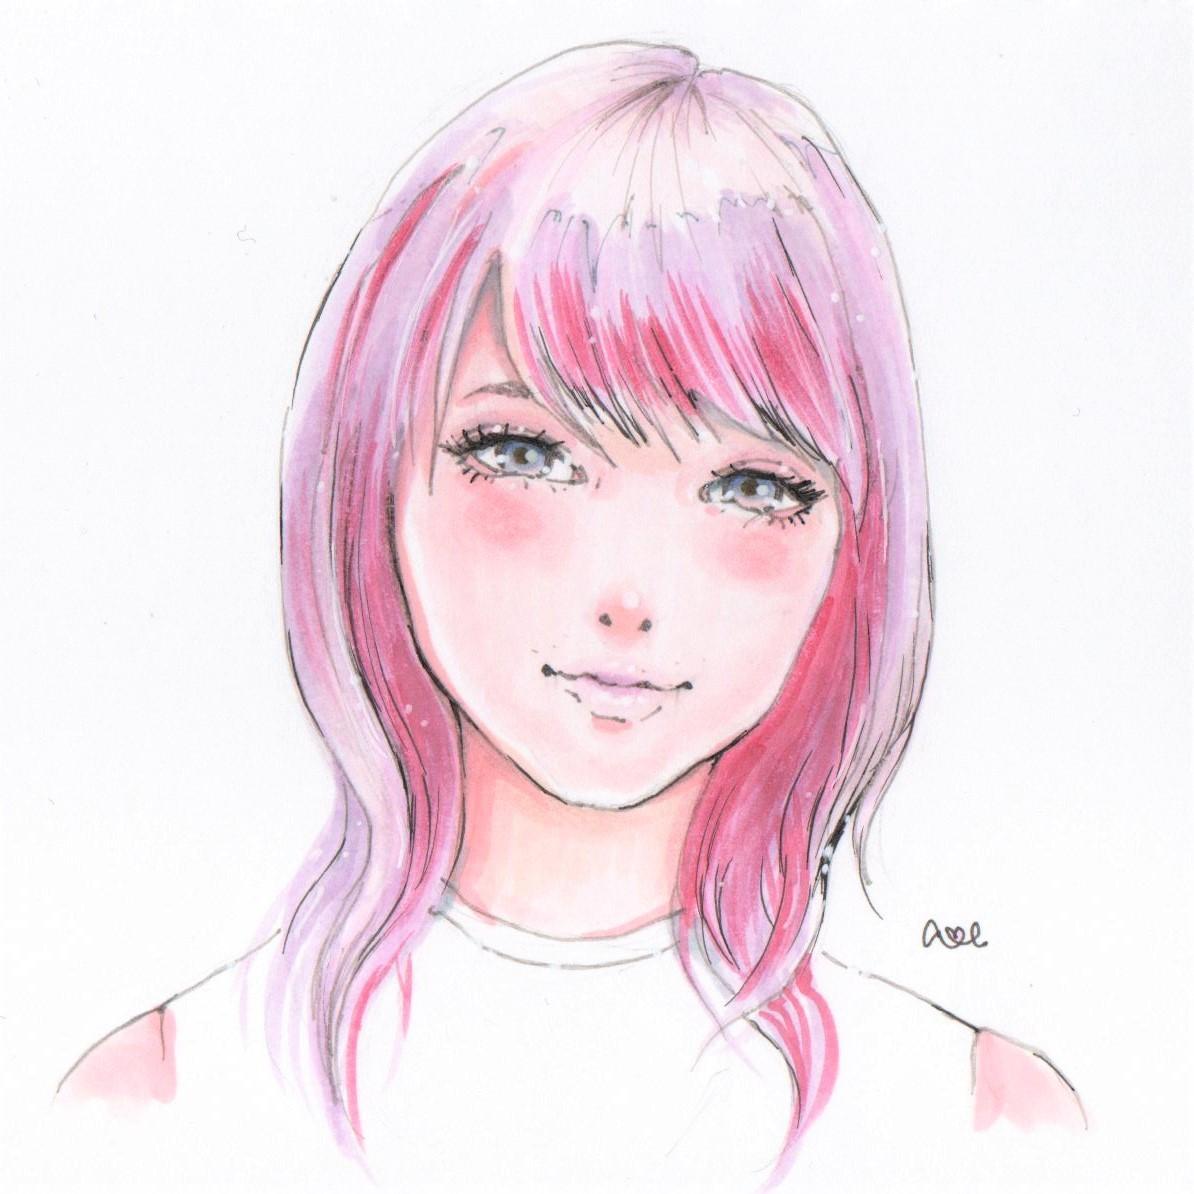 手描き似顔絵、あなたの髪色をピンク色に変化させます SNSのアイコンや、プレゼント、二次利用で名刺などに・・・